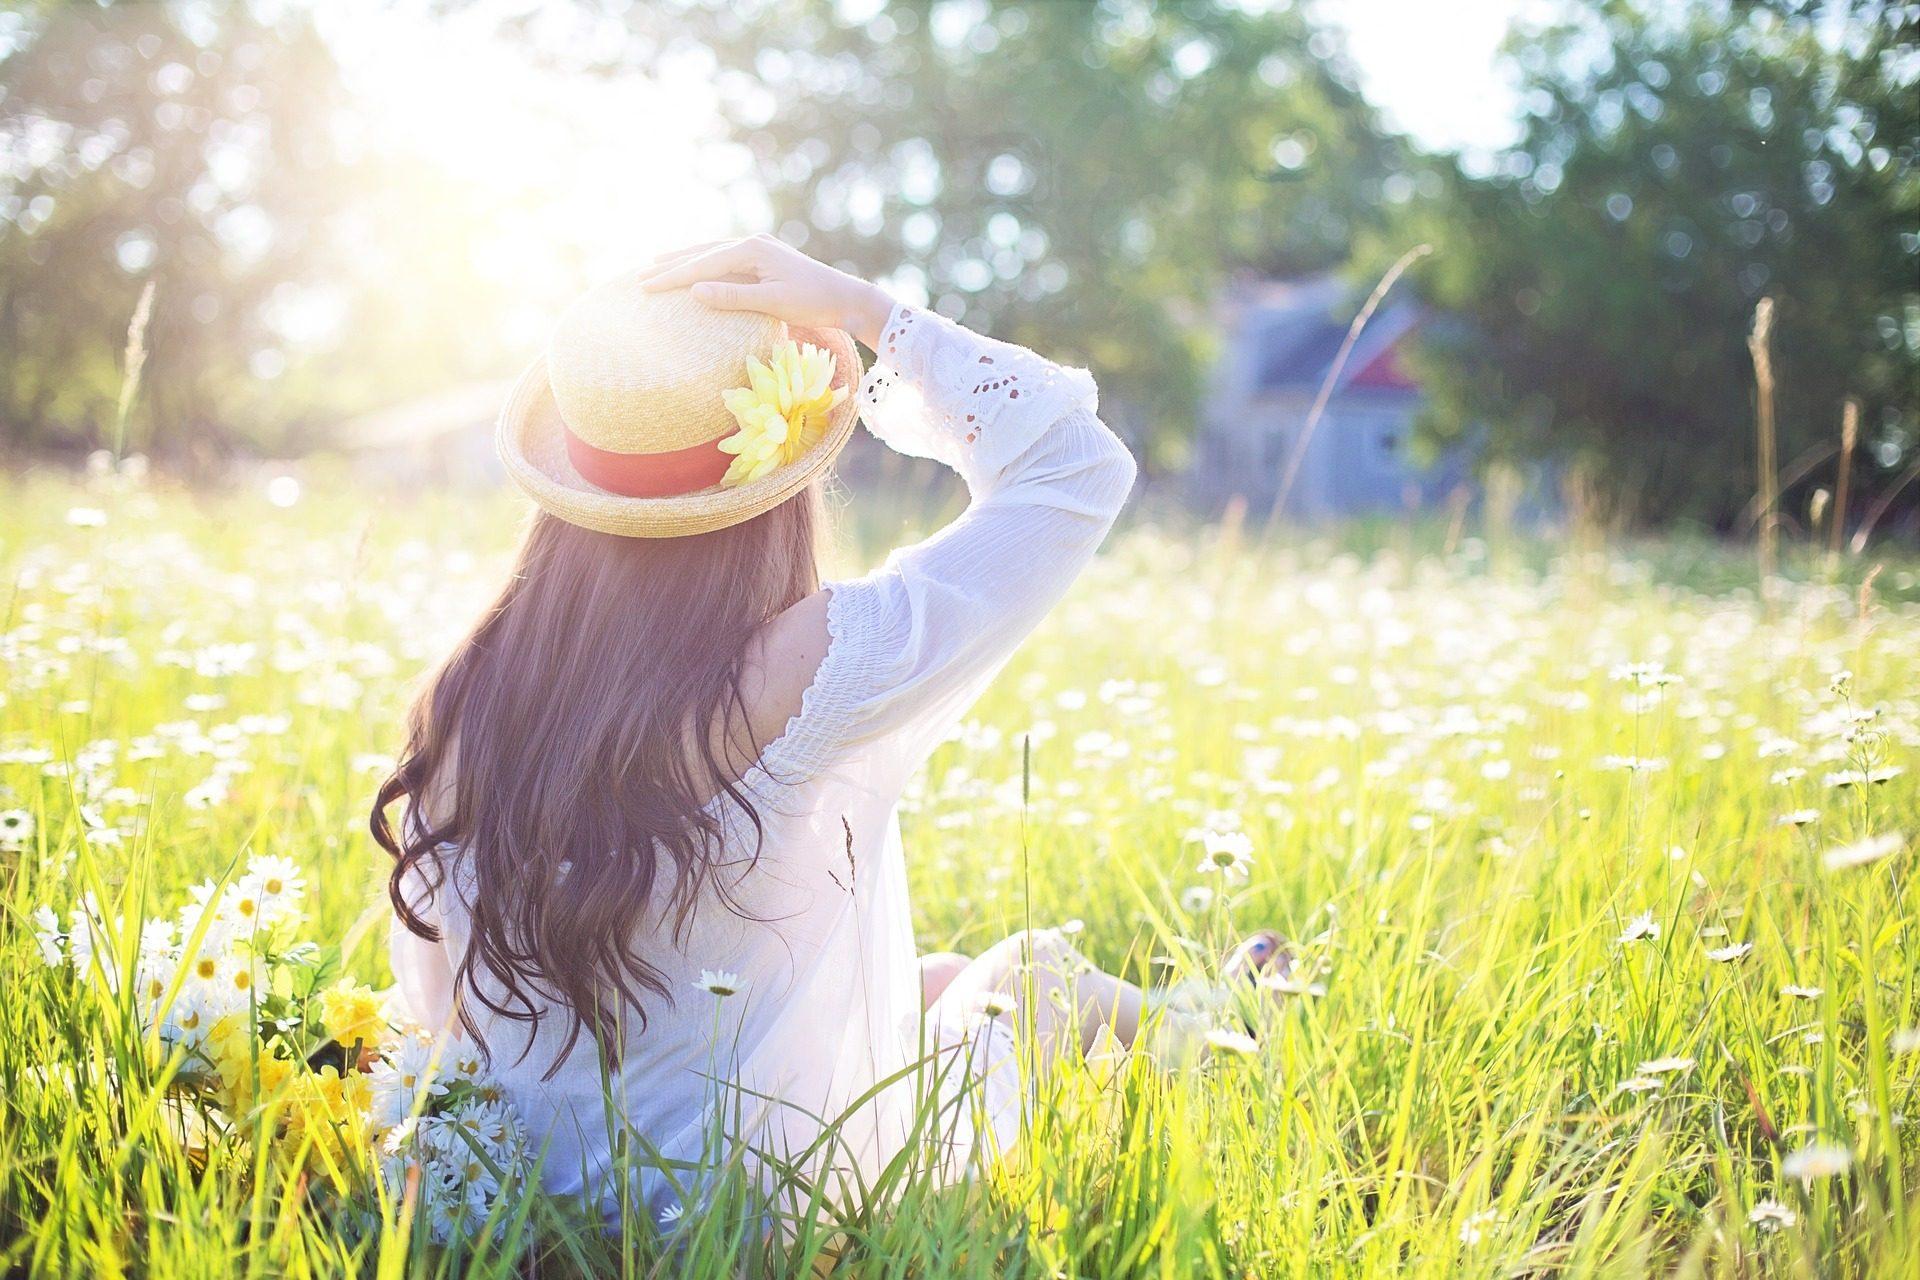 słoneczny dzien, kobieta z kapeluszem na głowie